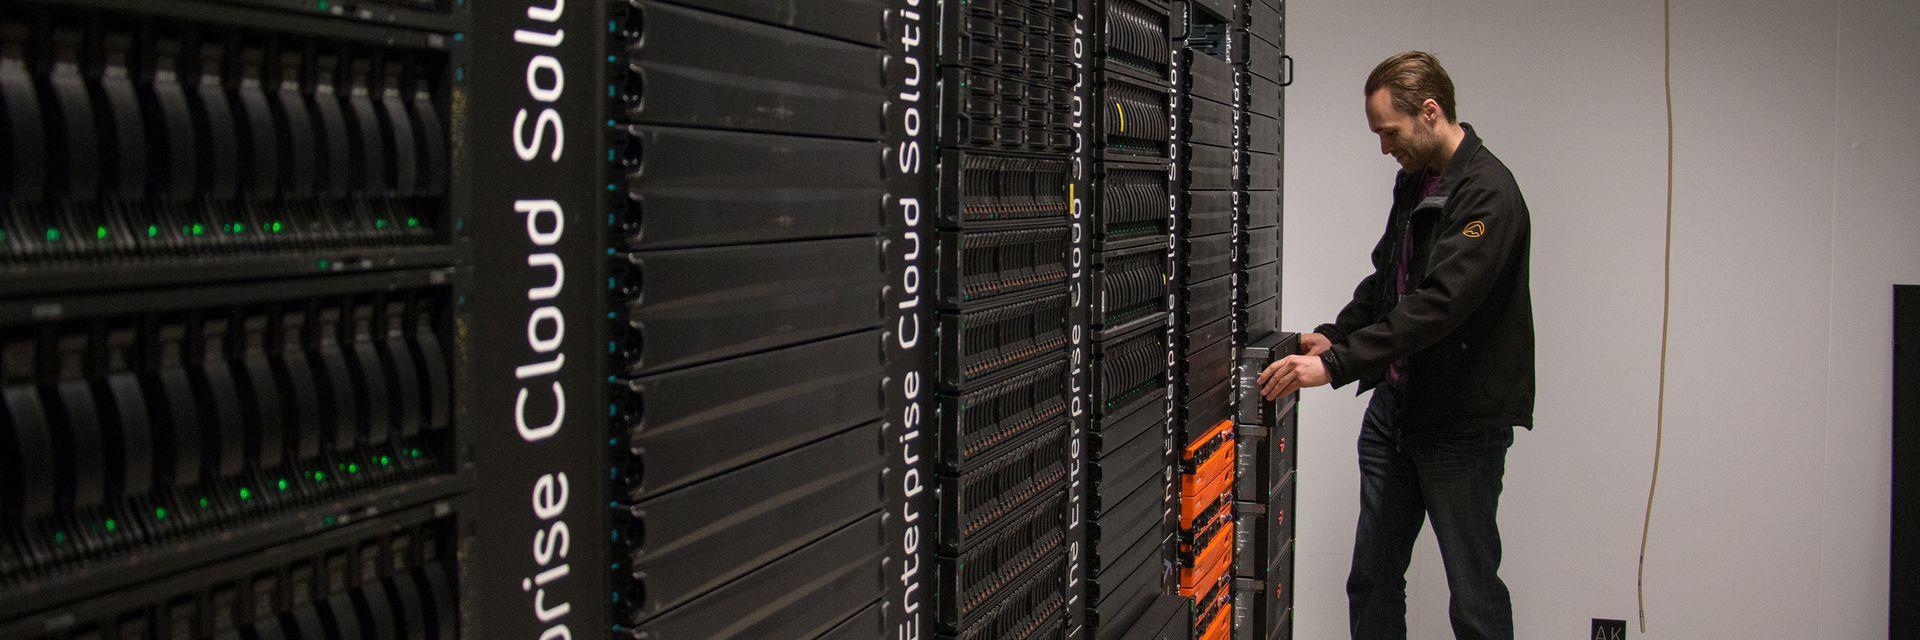 DATASENTERET: Knut Erik Raanæs, teknisk sjef i IT-selskapet Intility, holder på DX500-boksene i Eternus-serien til Fujitsu. Han har totalt 16 slike enheter, som lagrer hele sikkerhetskopien til selskapet.